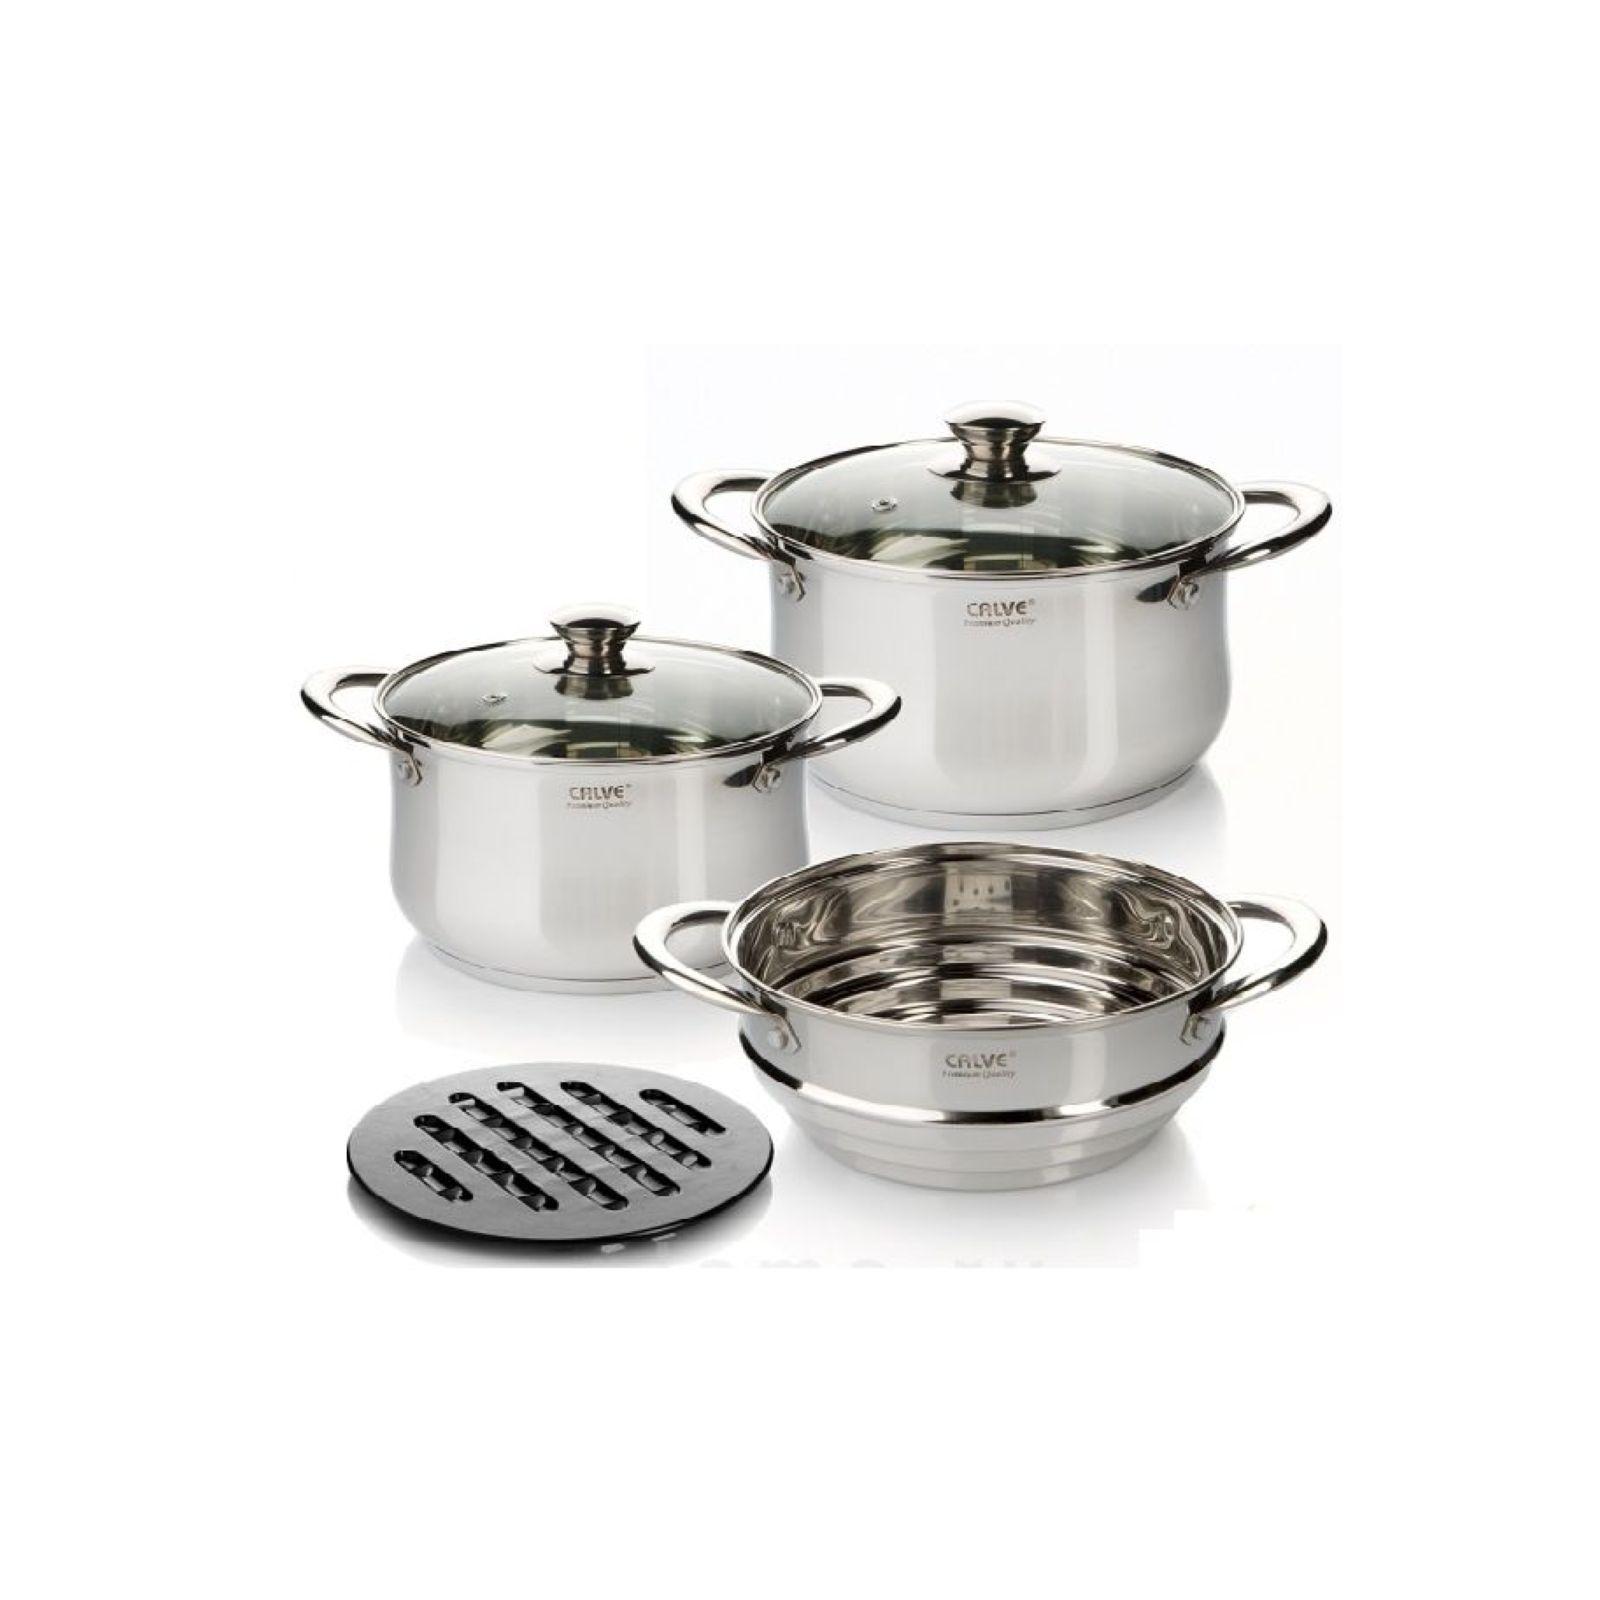 Набор кухонной посуды «Де люкс»